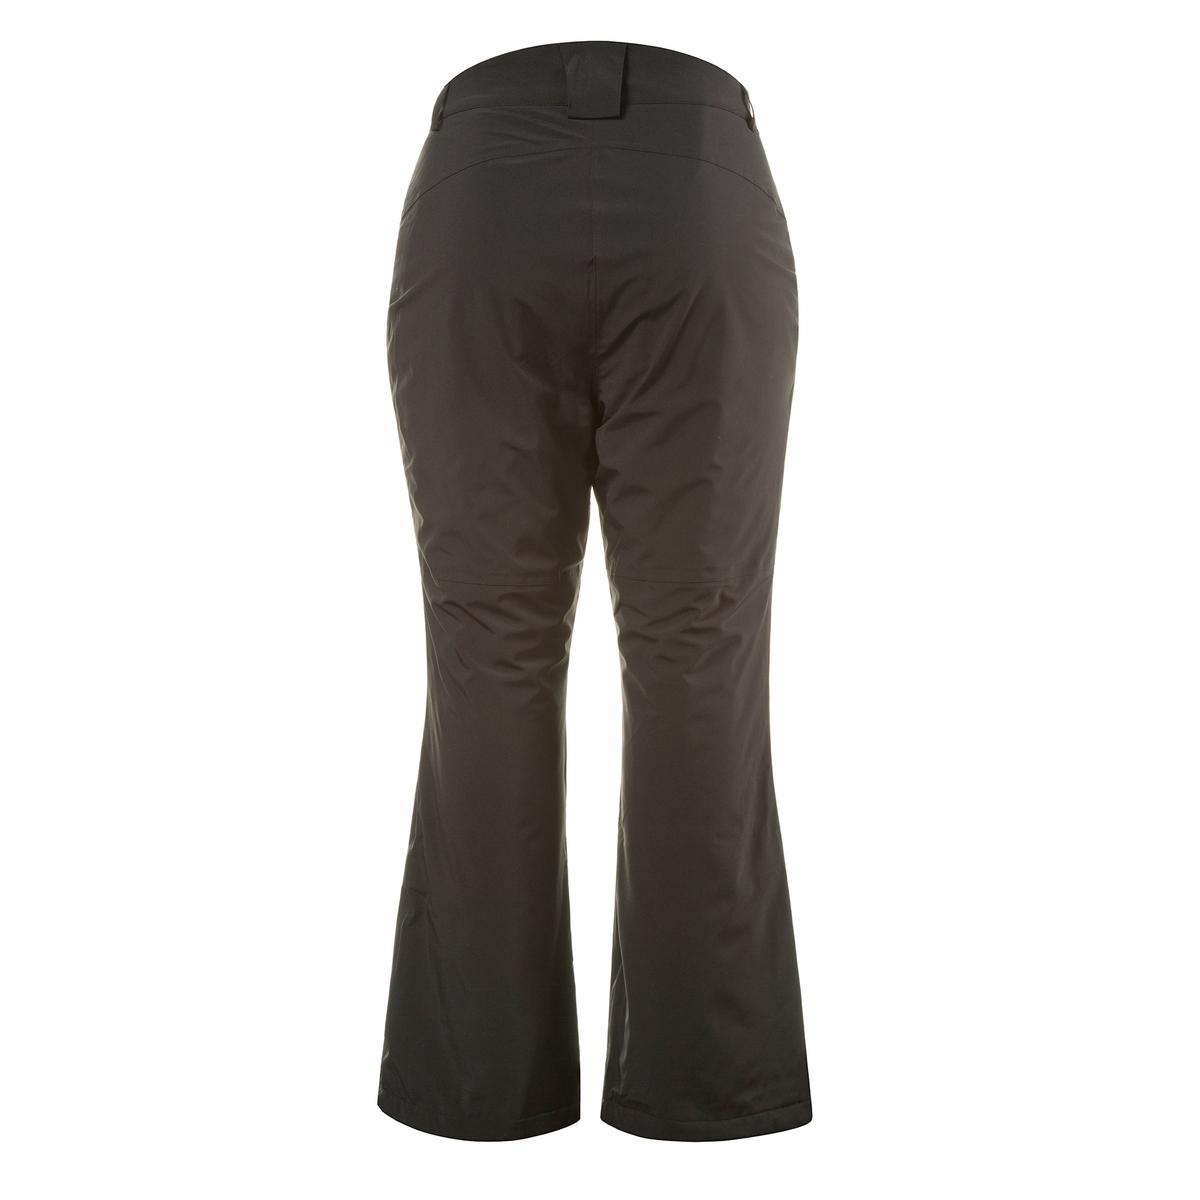 Брюки лыжныеФункциональные теплые брюки, адаптированные для лыжных ботинок. Теплый ватин, подкладка из мягкого флиса, три функции : защита от ветра, непромокаемые, дышащие. Проклеенные швы. Прямой покрой, снегозащитные гетры внизу брючин. 2 кармана с застежкой на молнию. Пояс со шлевками, немного выше сзади, застежка на кнопку и молнию.<br><br>Цвет: черный<br>Размер: 44 (FR) - 50 (RUS).48 (FR) - 54 (RUS)